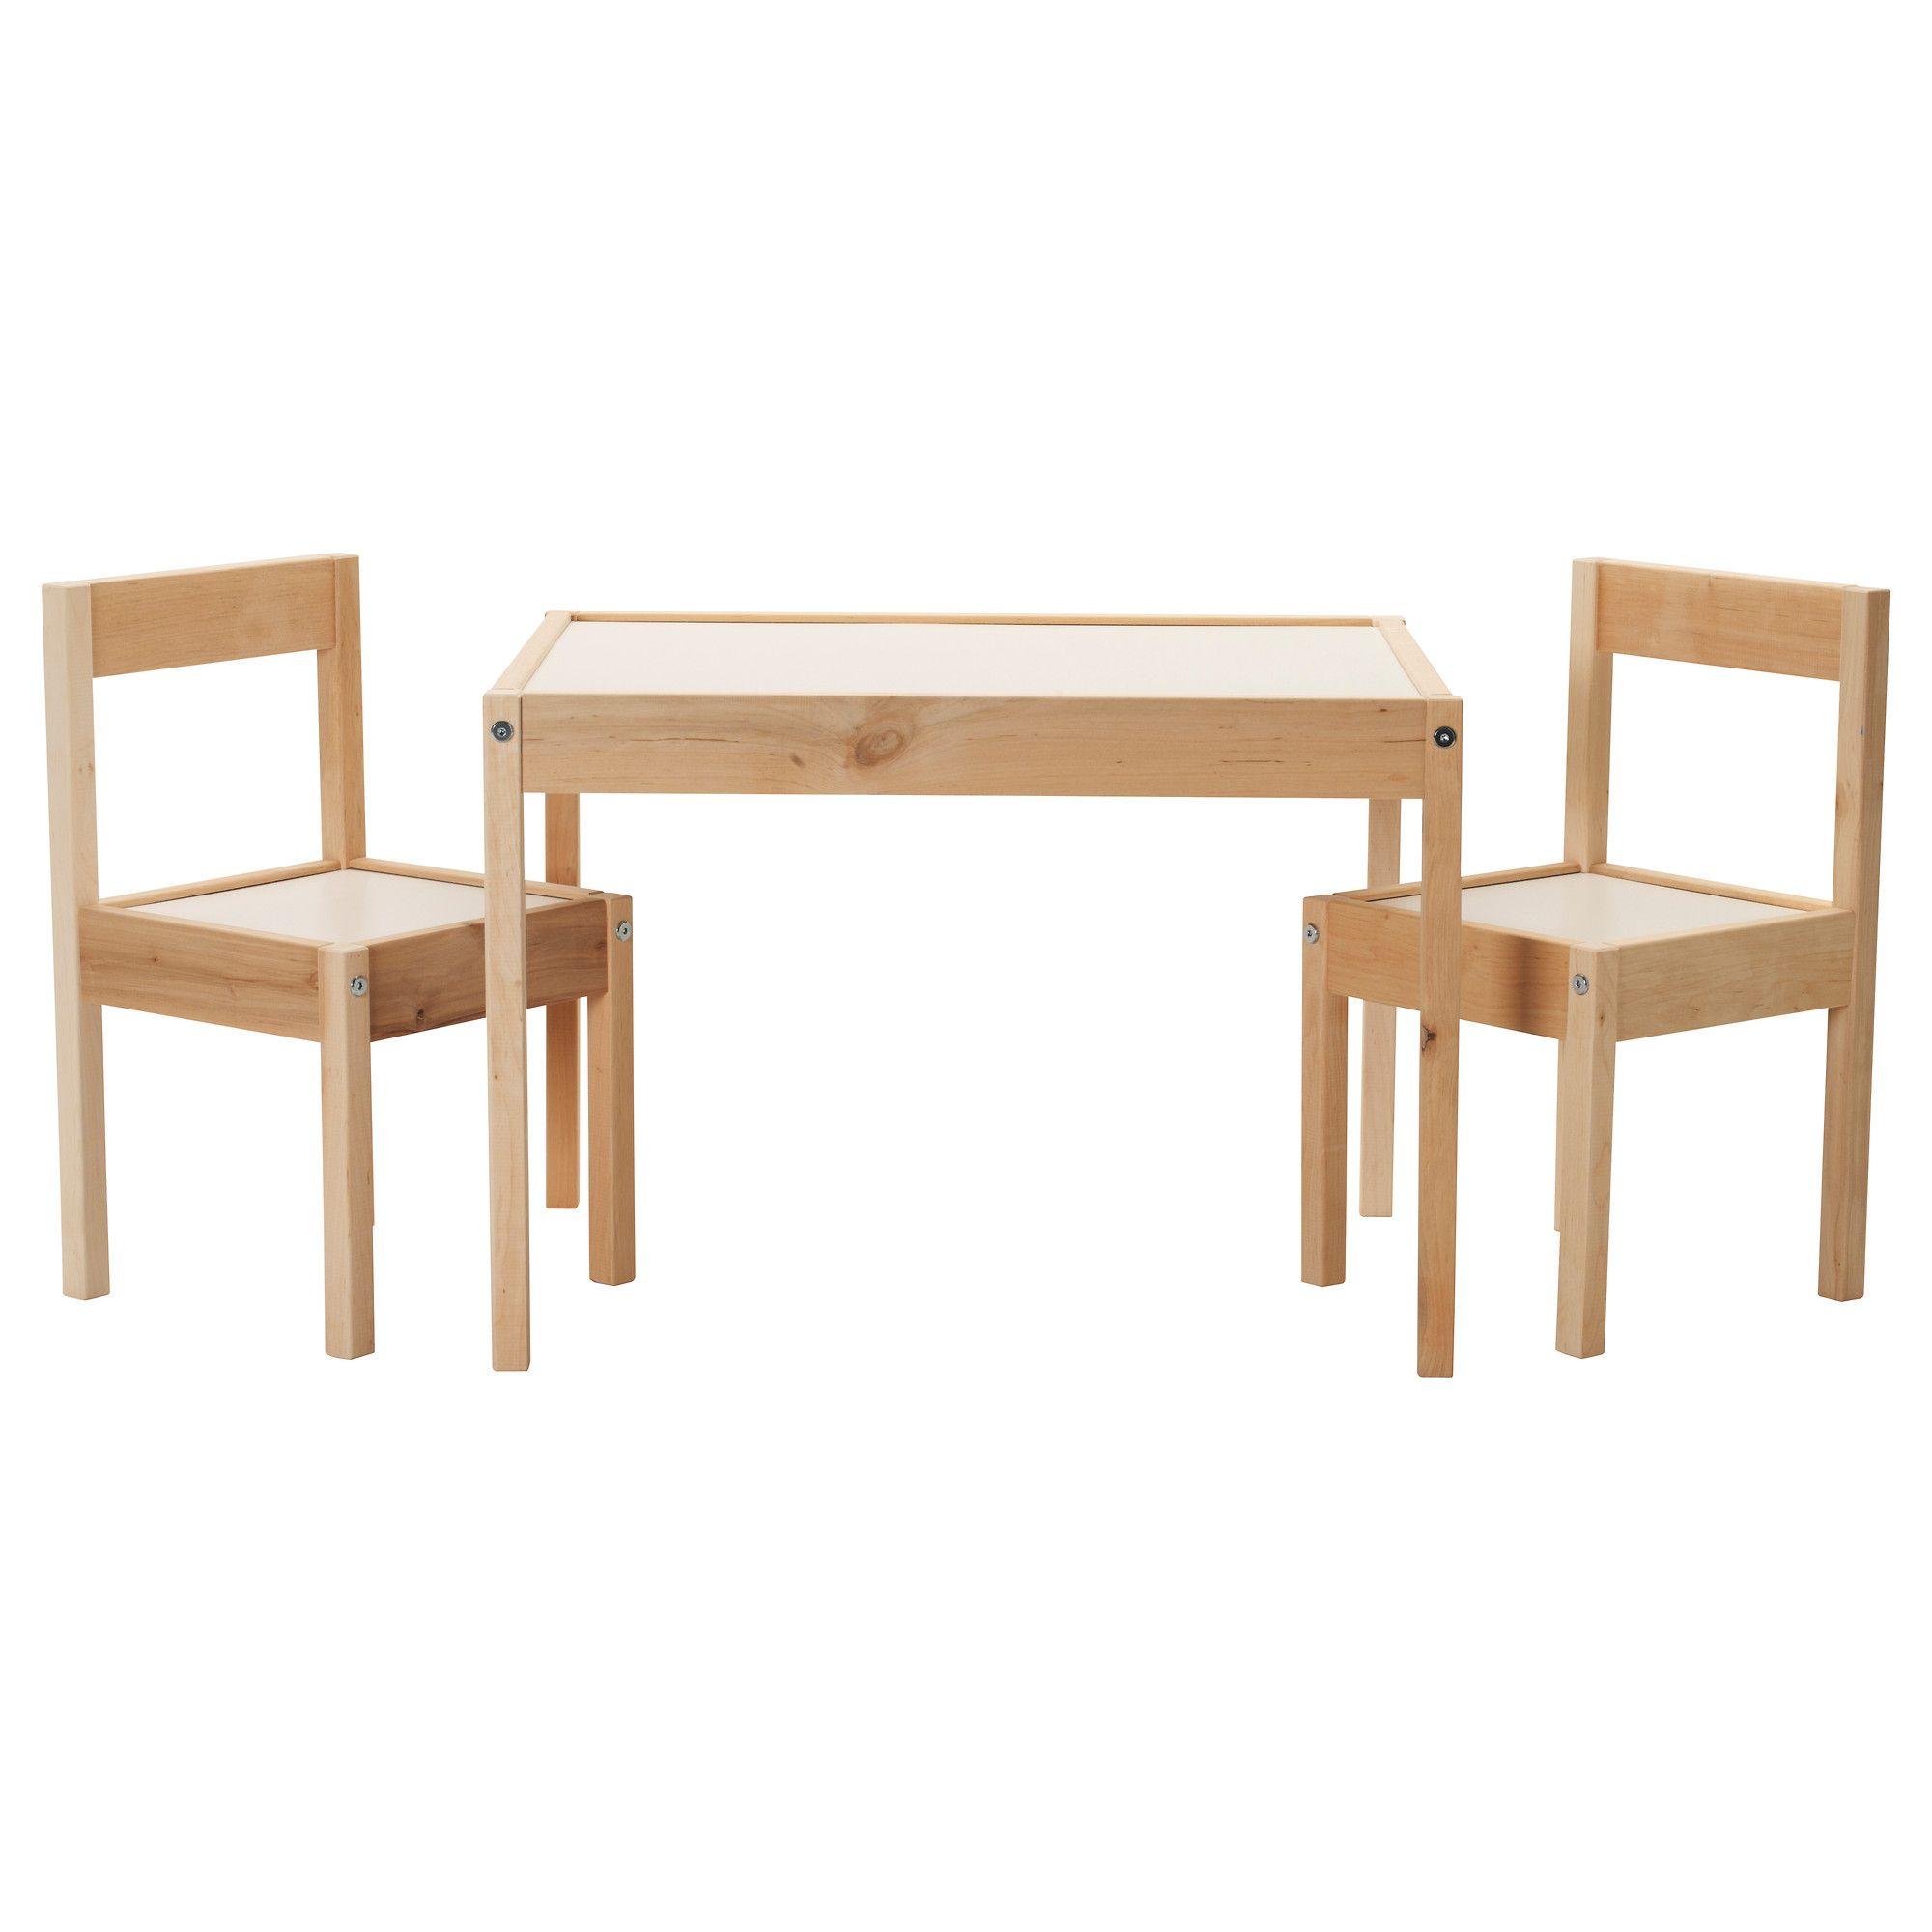 LÄTT Tavolo per bambini con 2 sedie - bianco, pino | Ikea ...